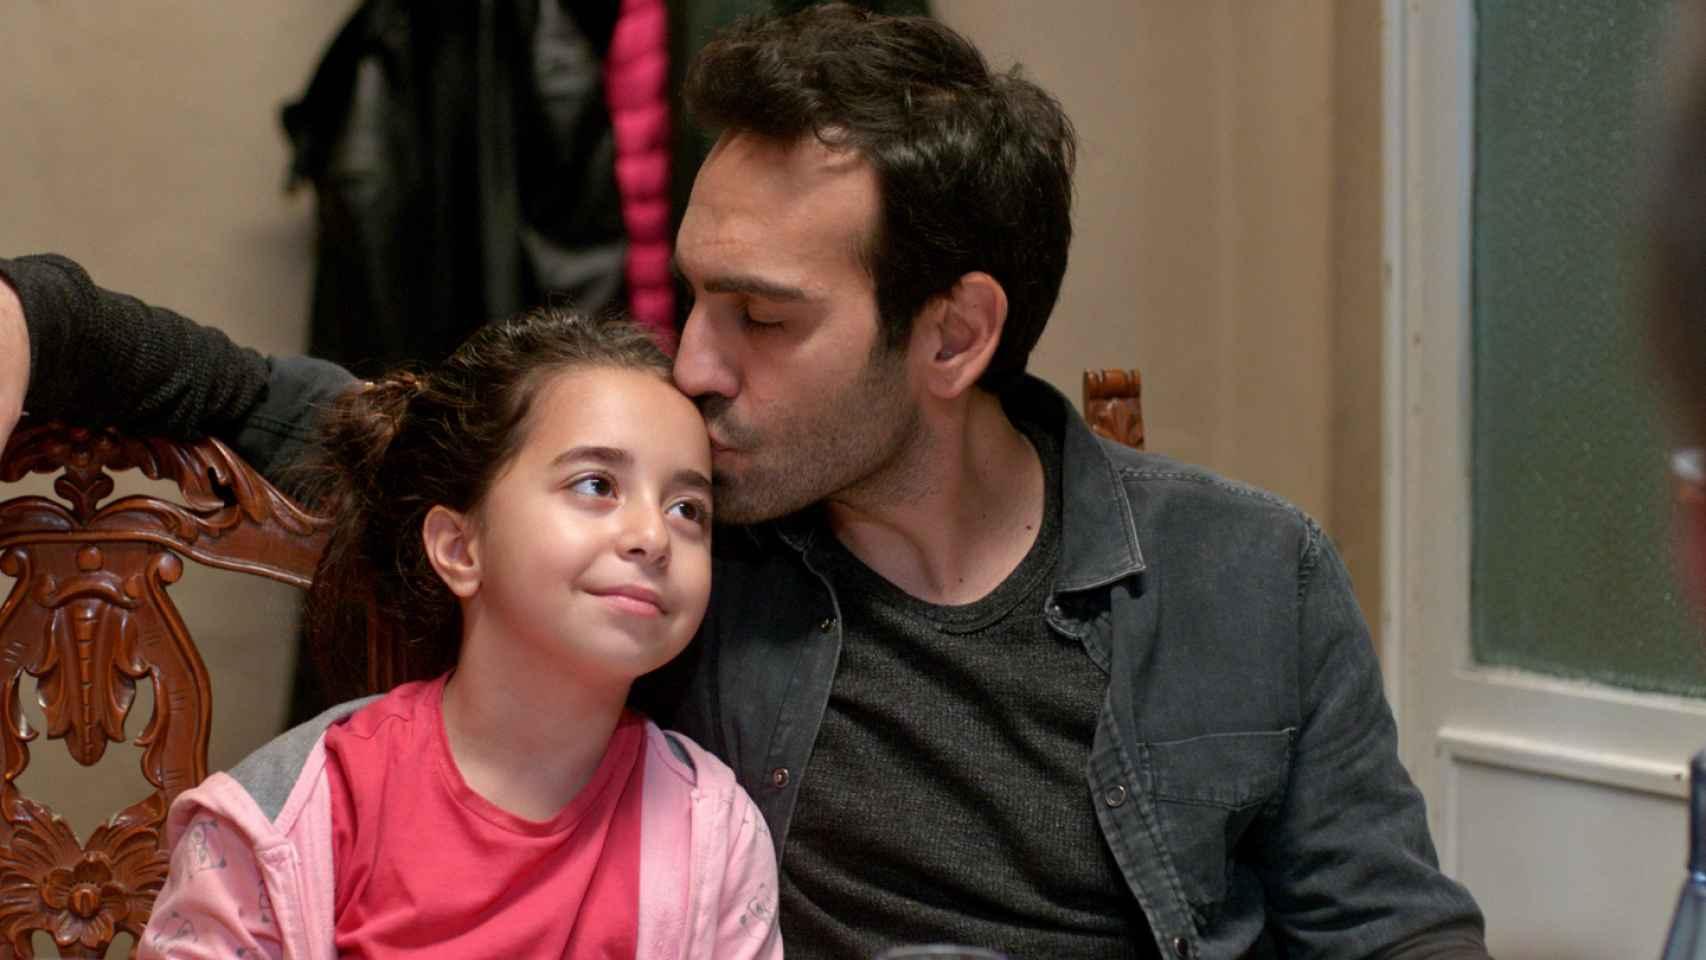 Avance en fotos del capítulo 10 de 'Mi hija' que Antena 3 emite este domingo 21